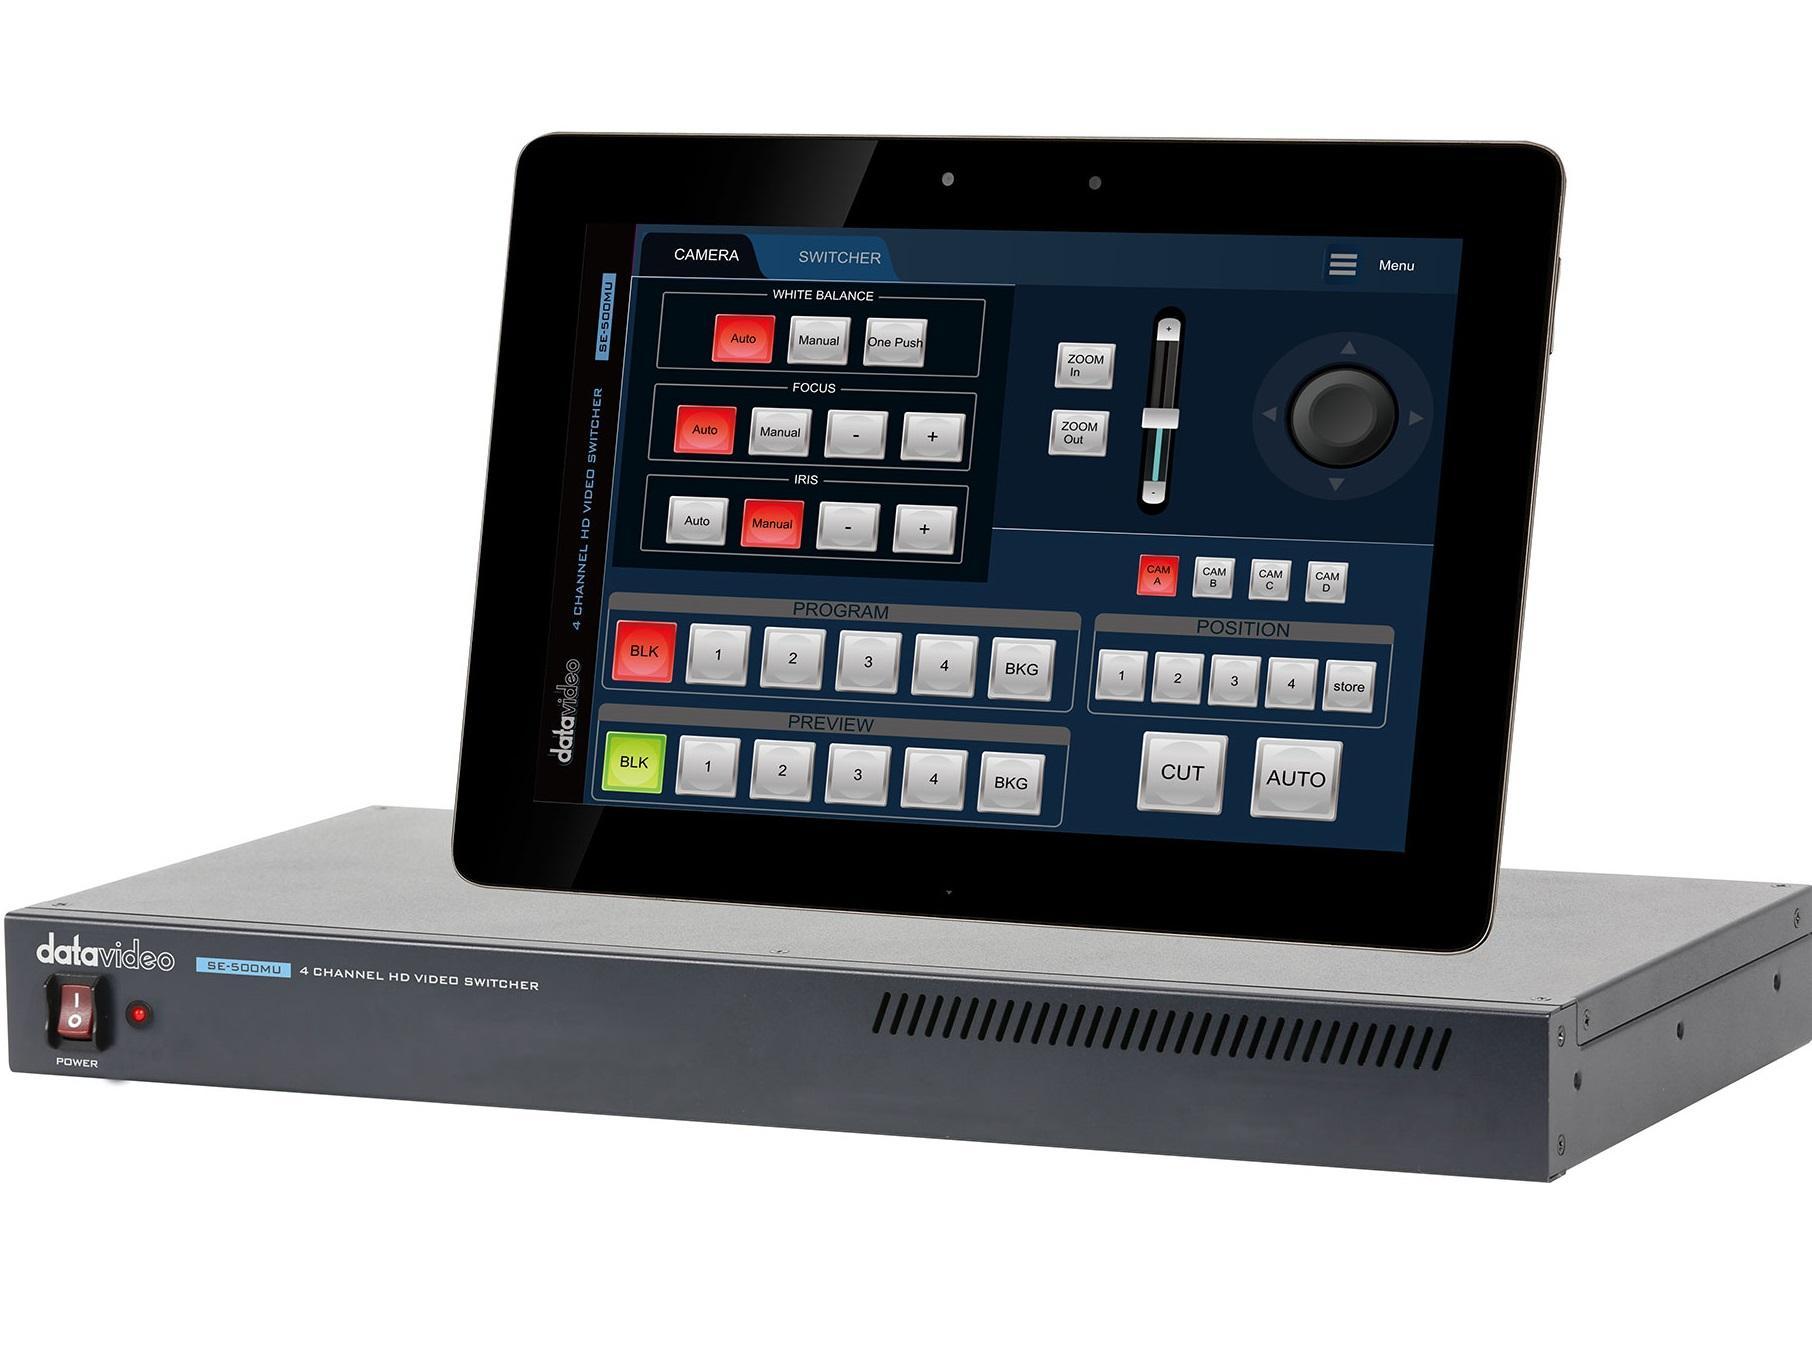 Datavideo SE-500MU 4 Channel HD Video Switcher